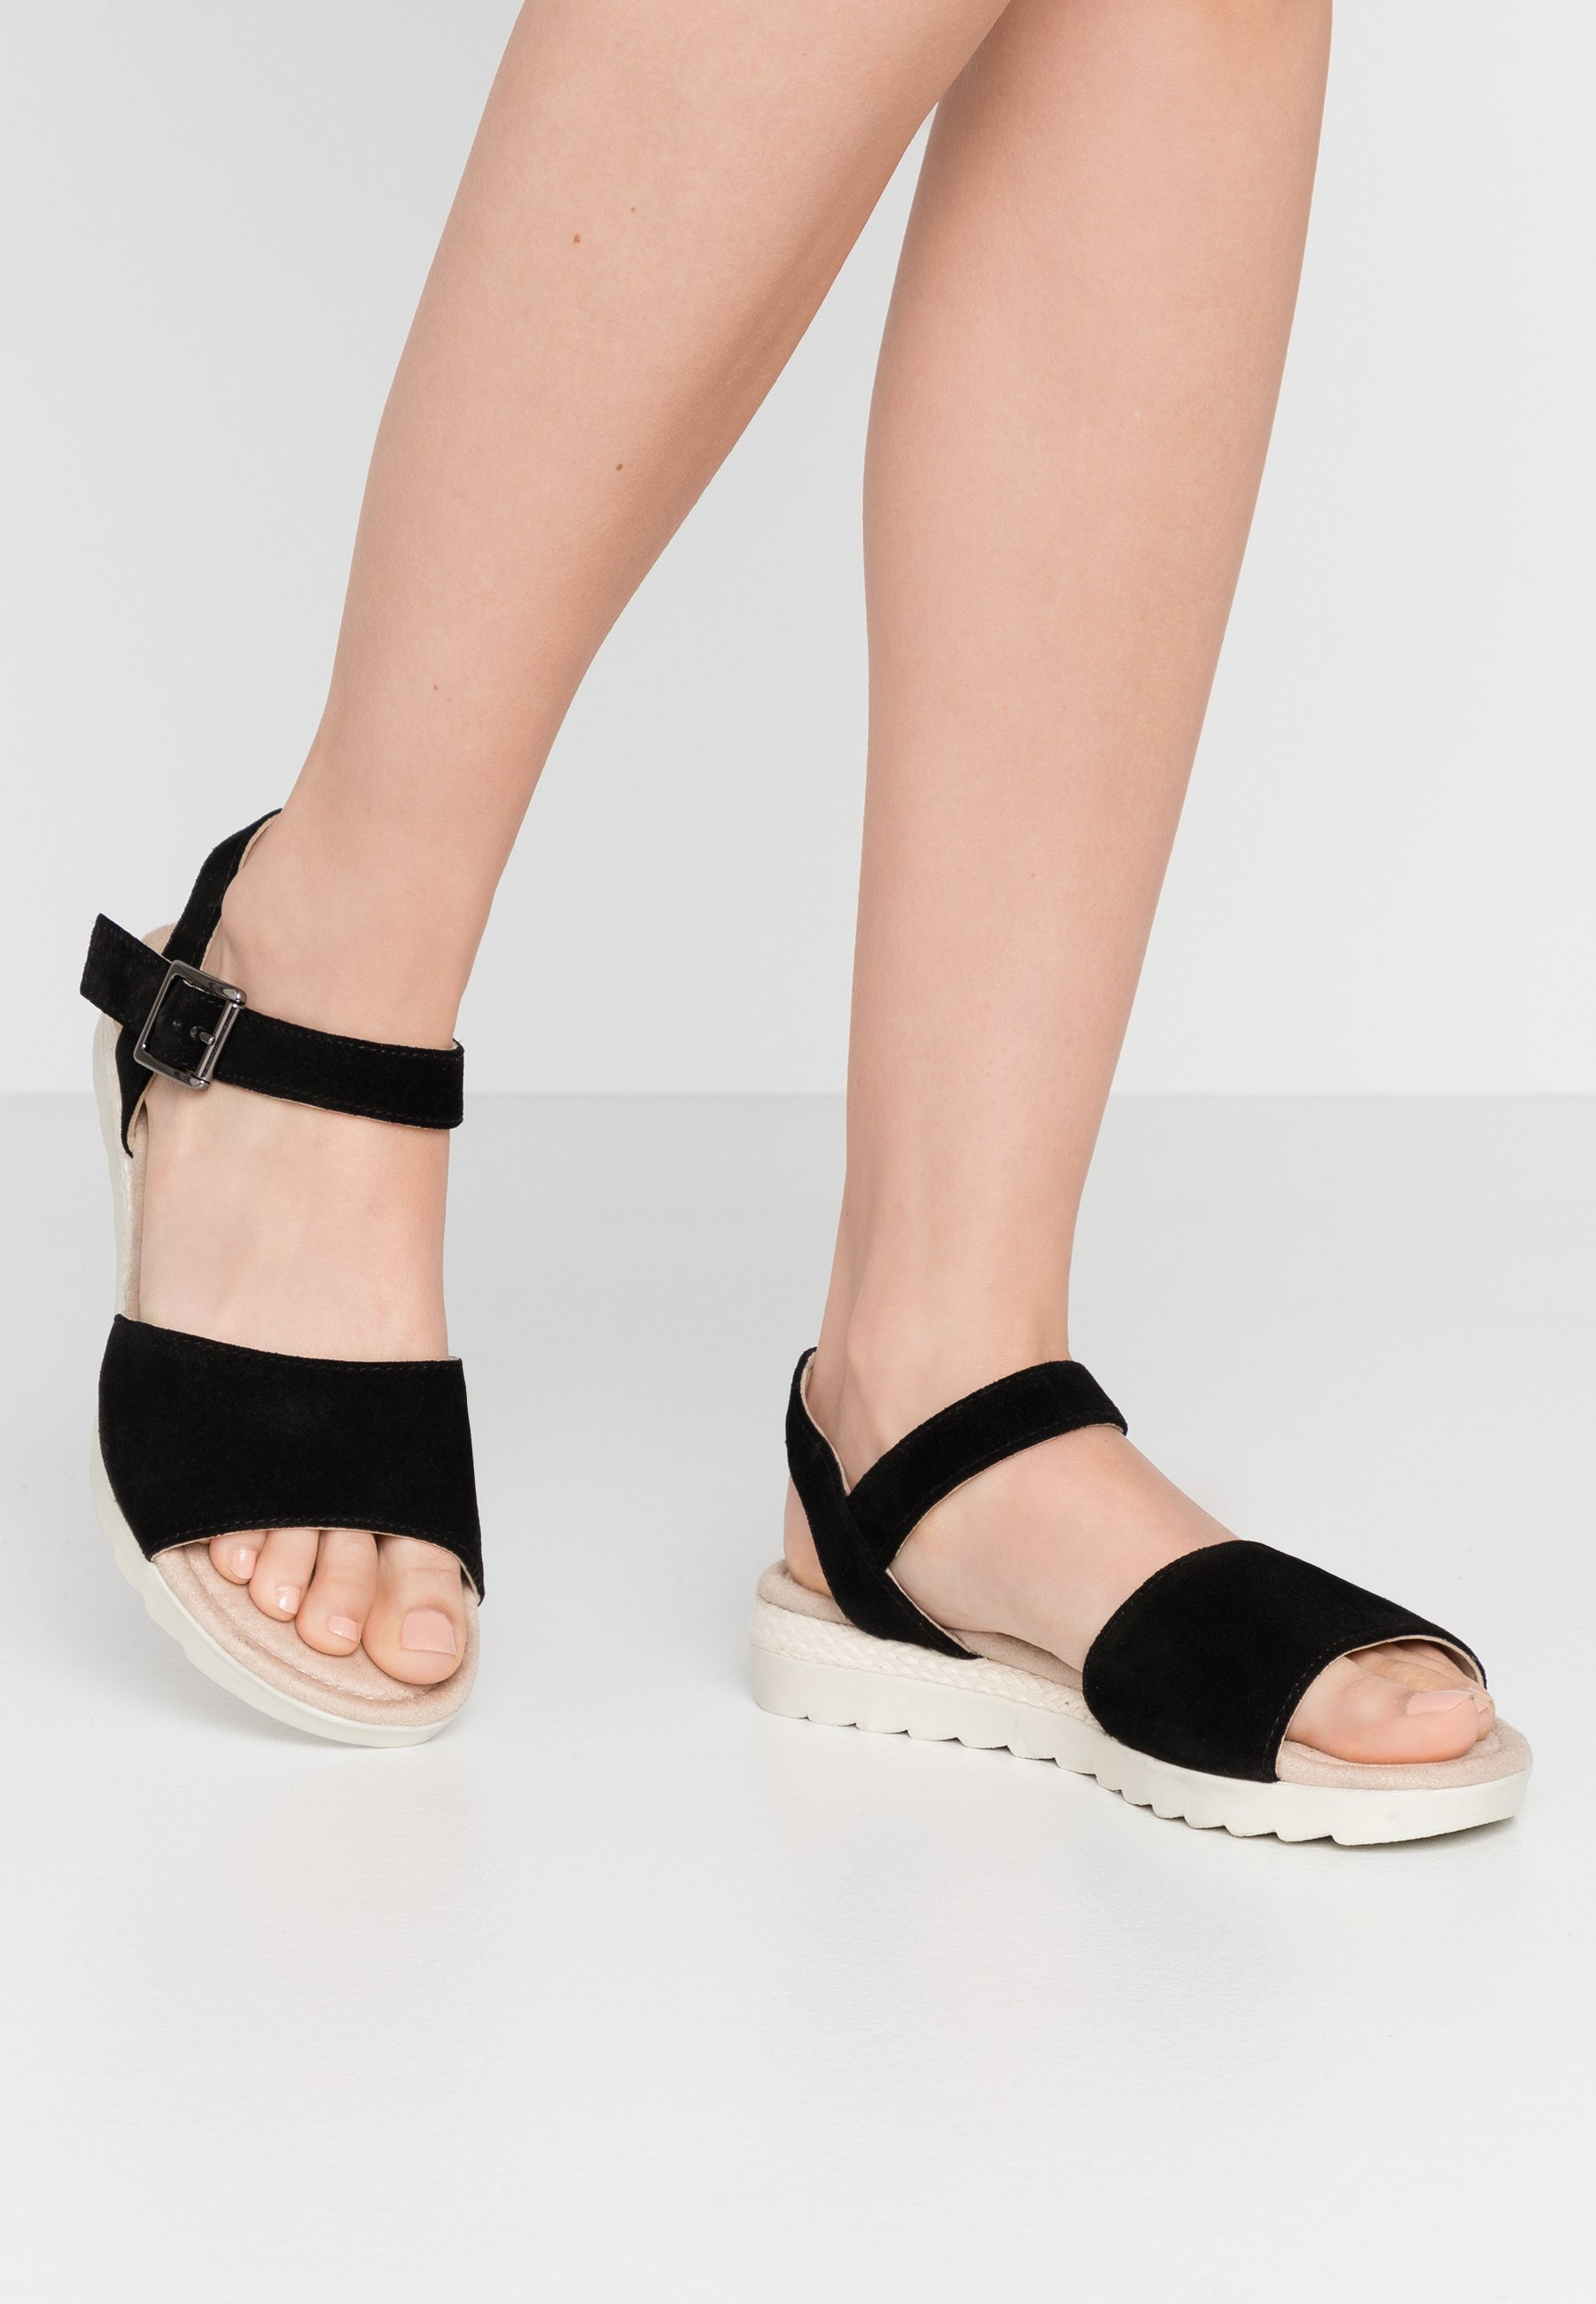 Sandalias de mujer   Comprar colección para mujer en Zalando